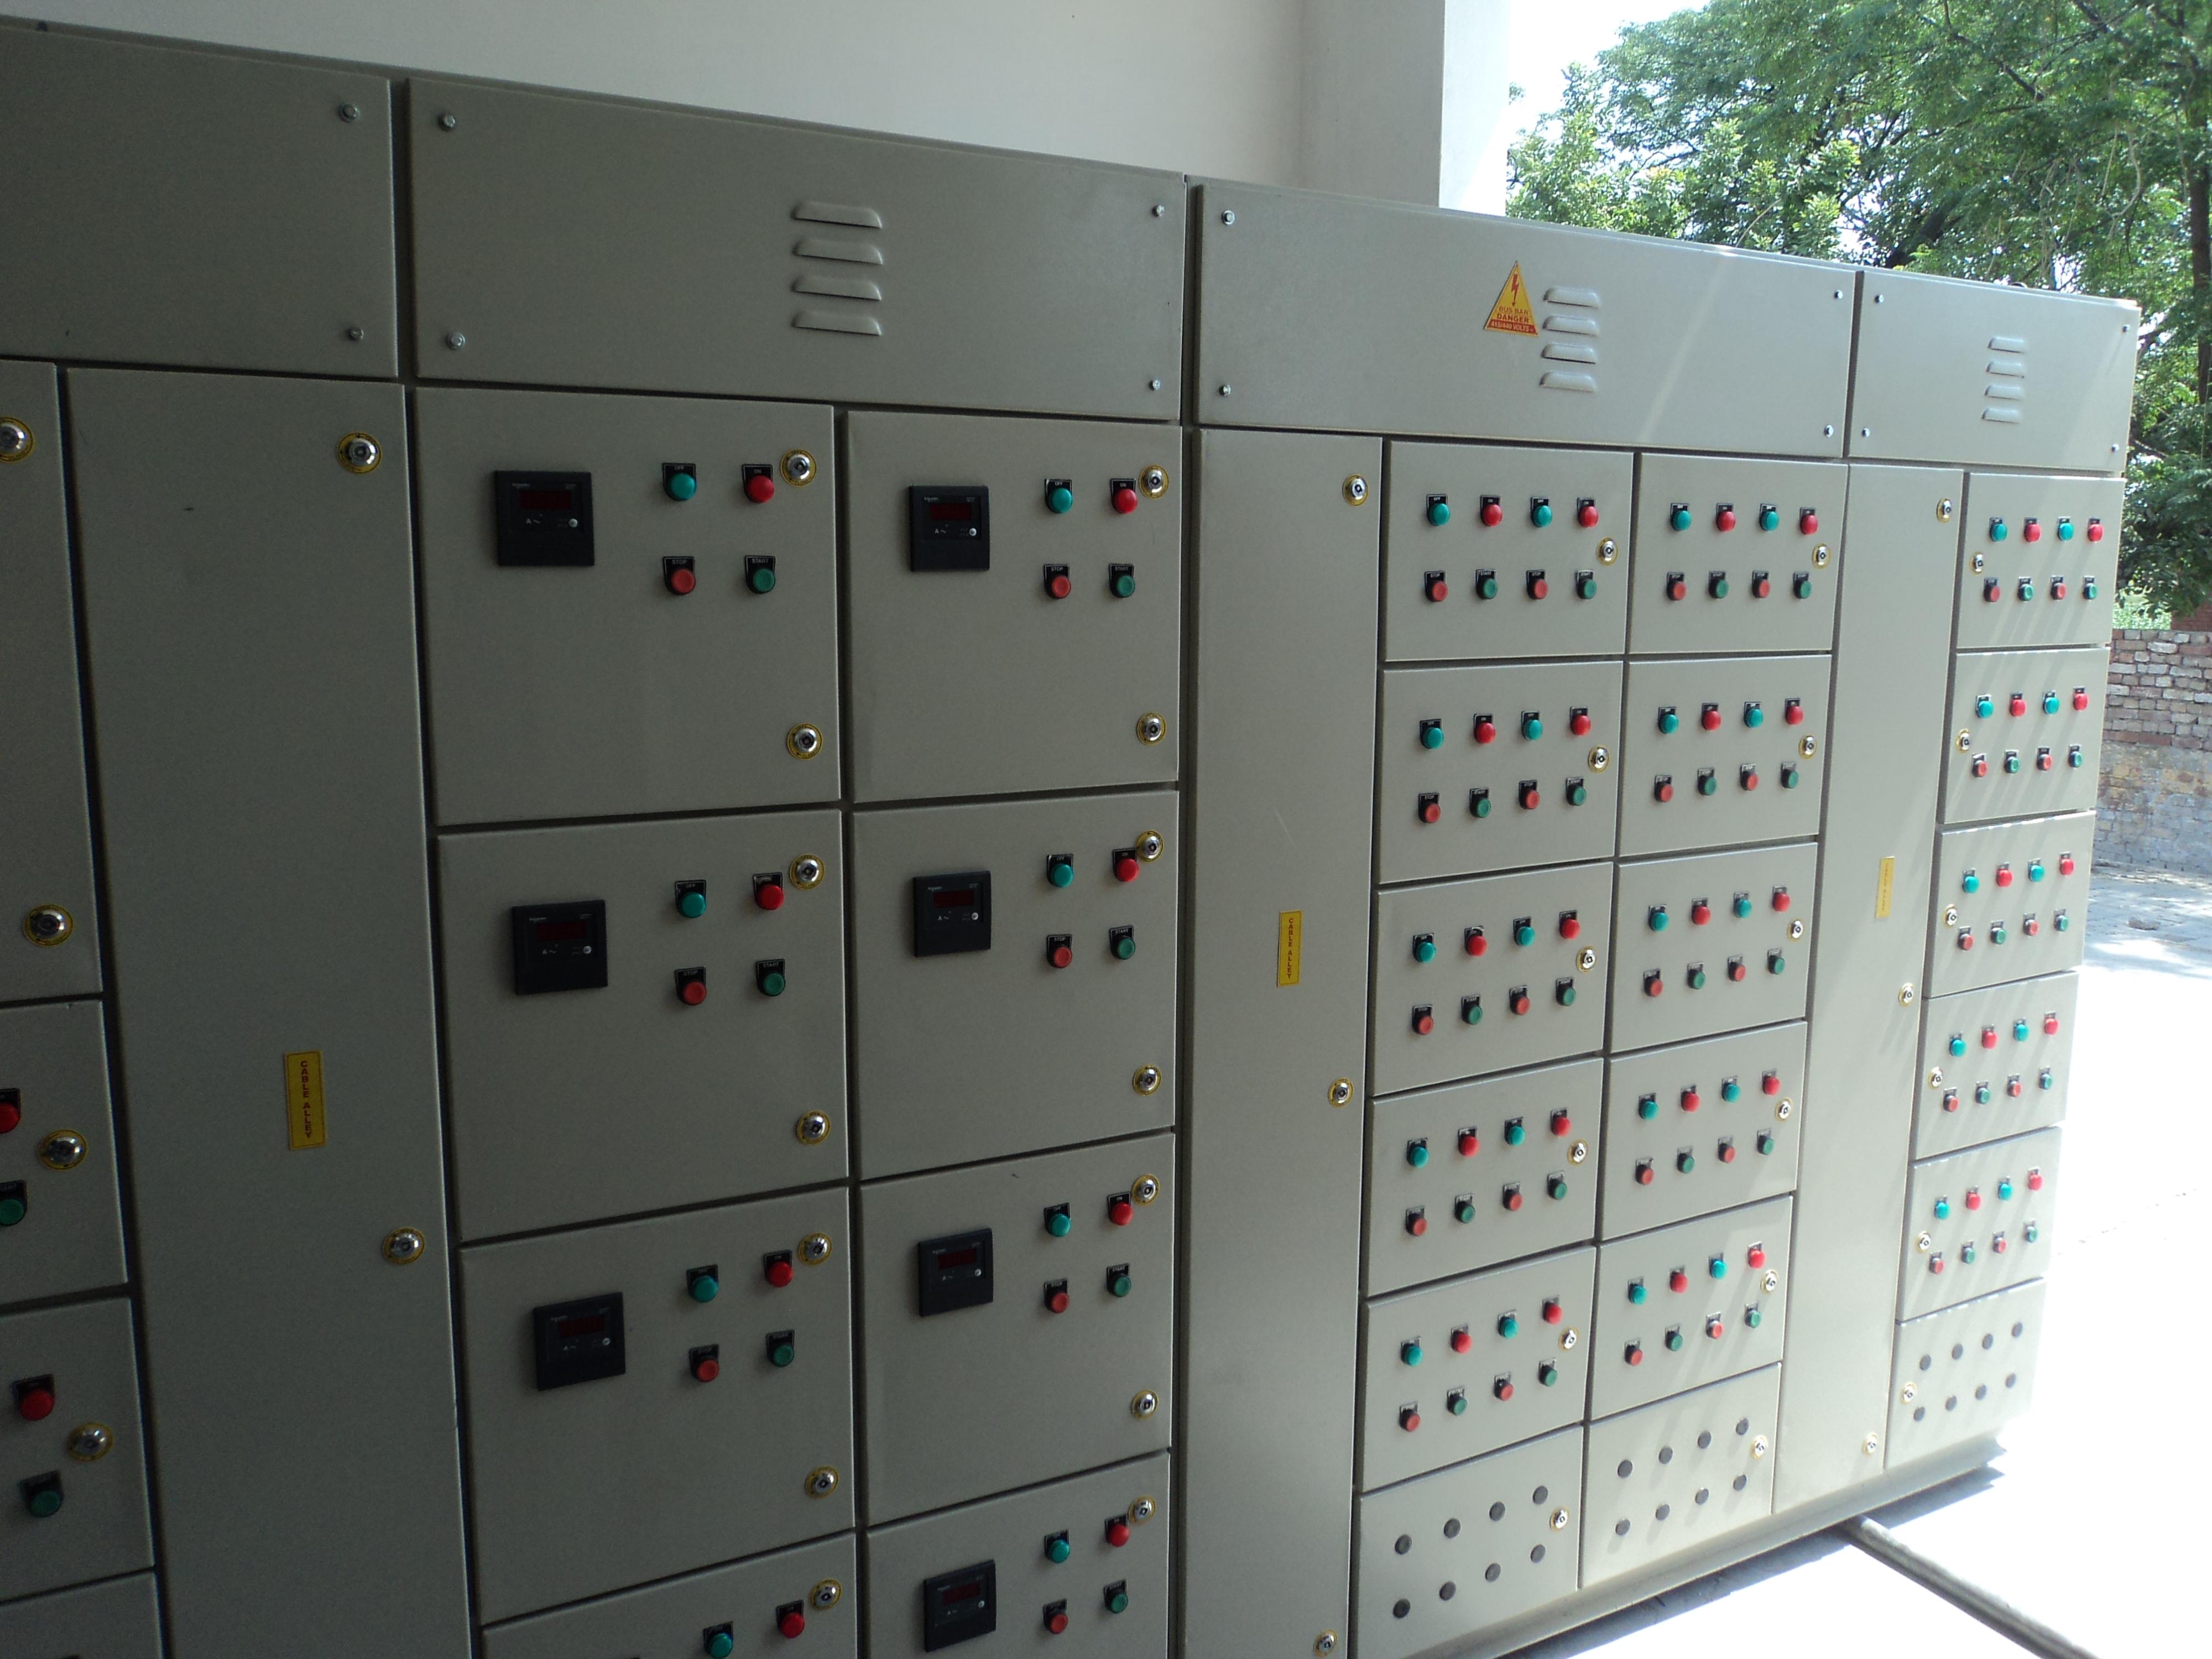 Ziemlich Mcc Panel Fotos - Die Besten Elektrischen Schaltplan-Ideen ...